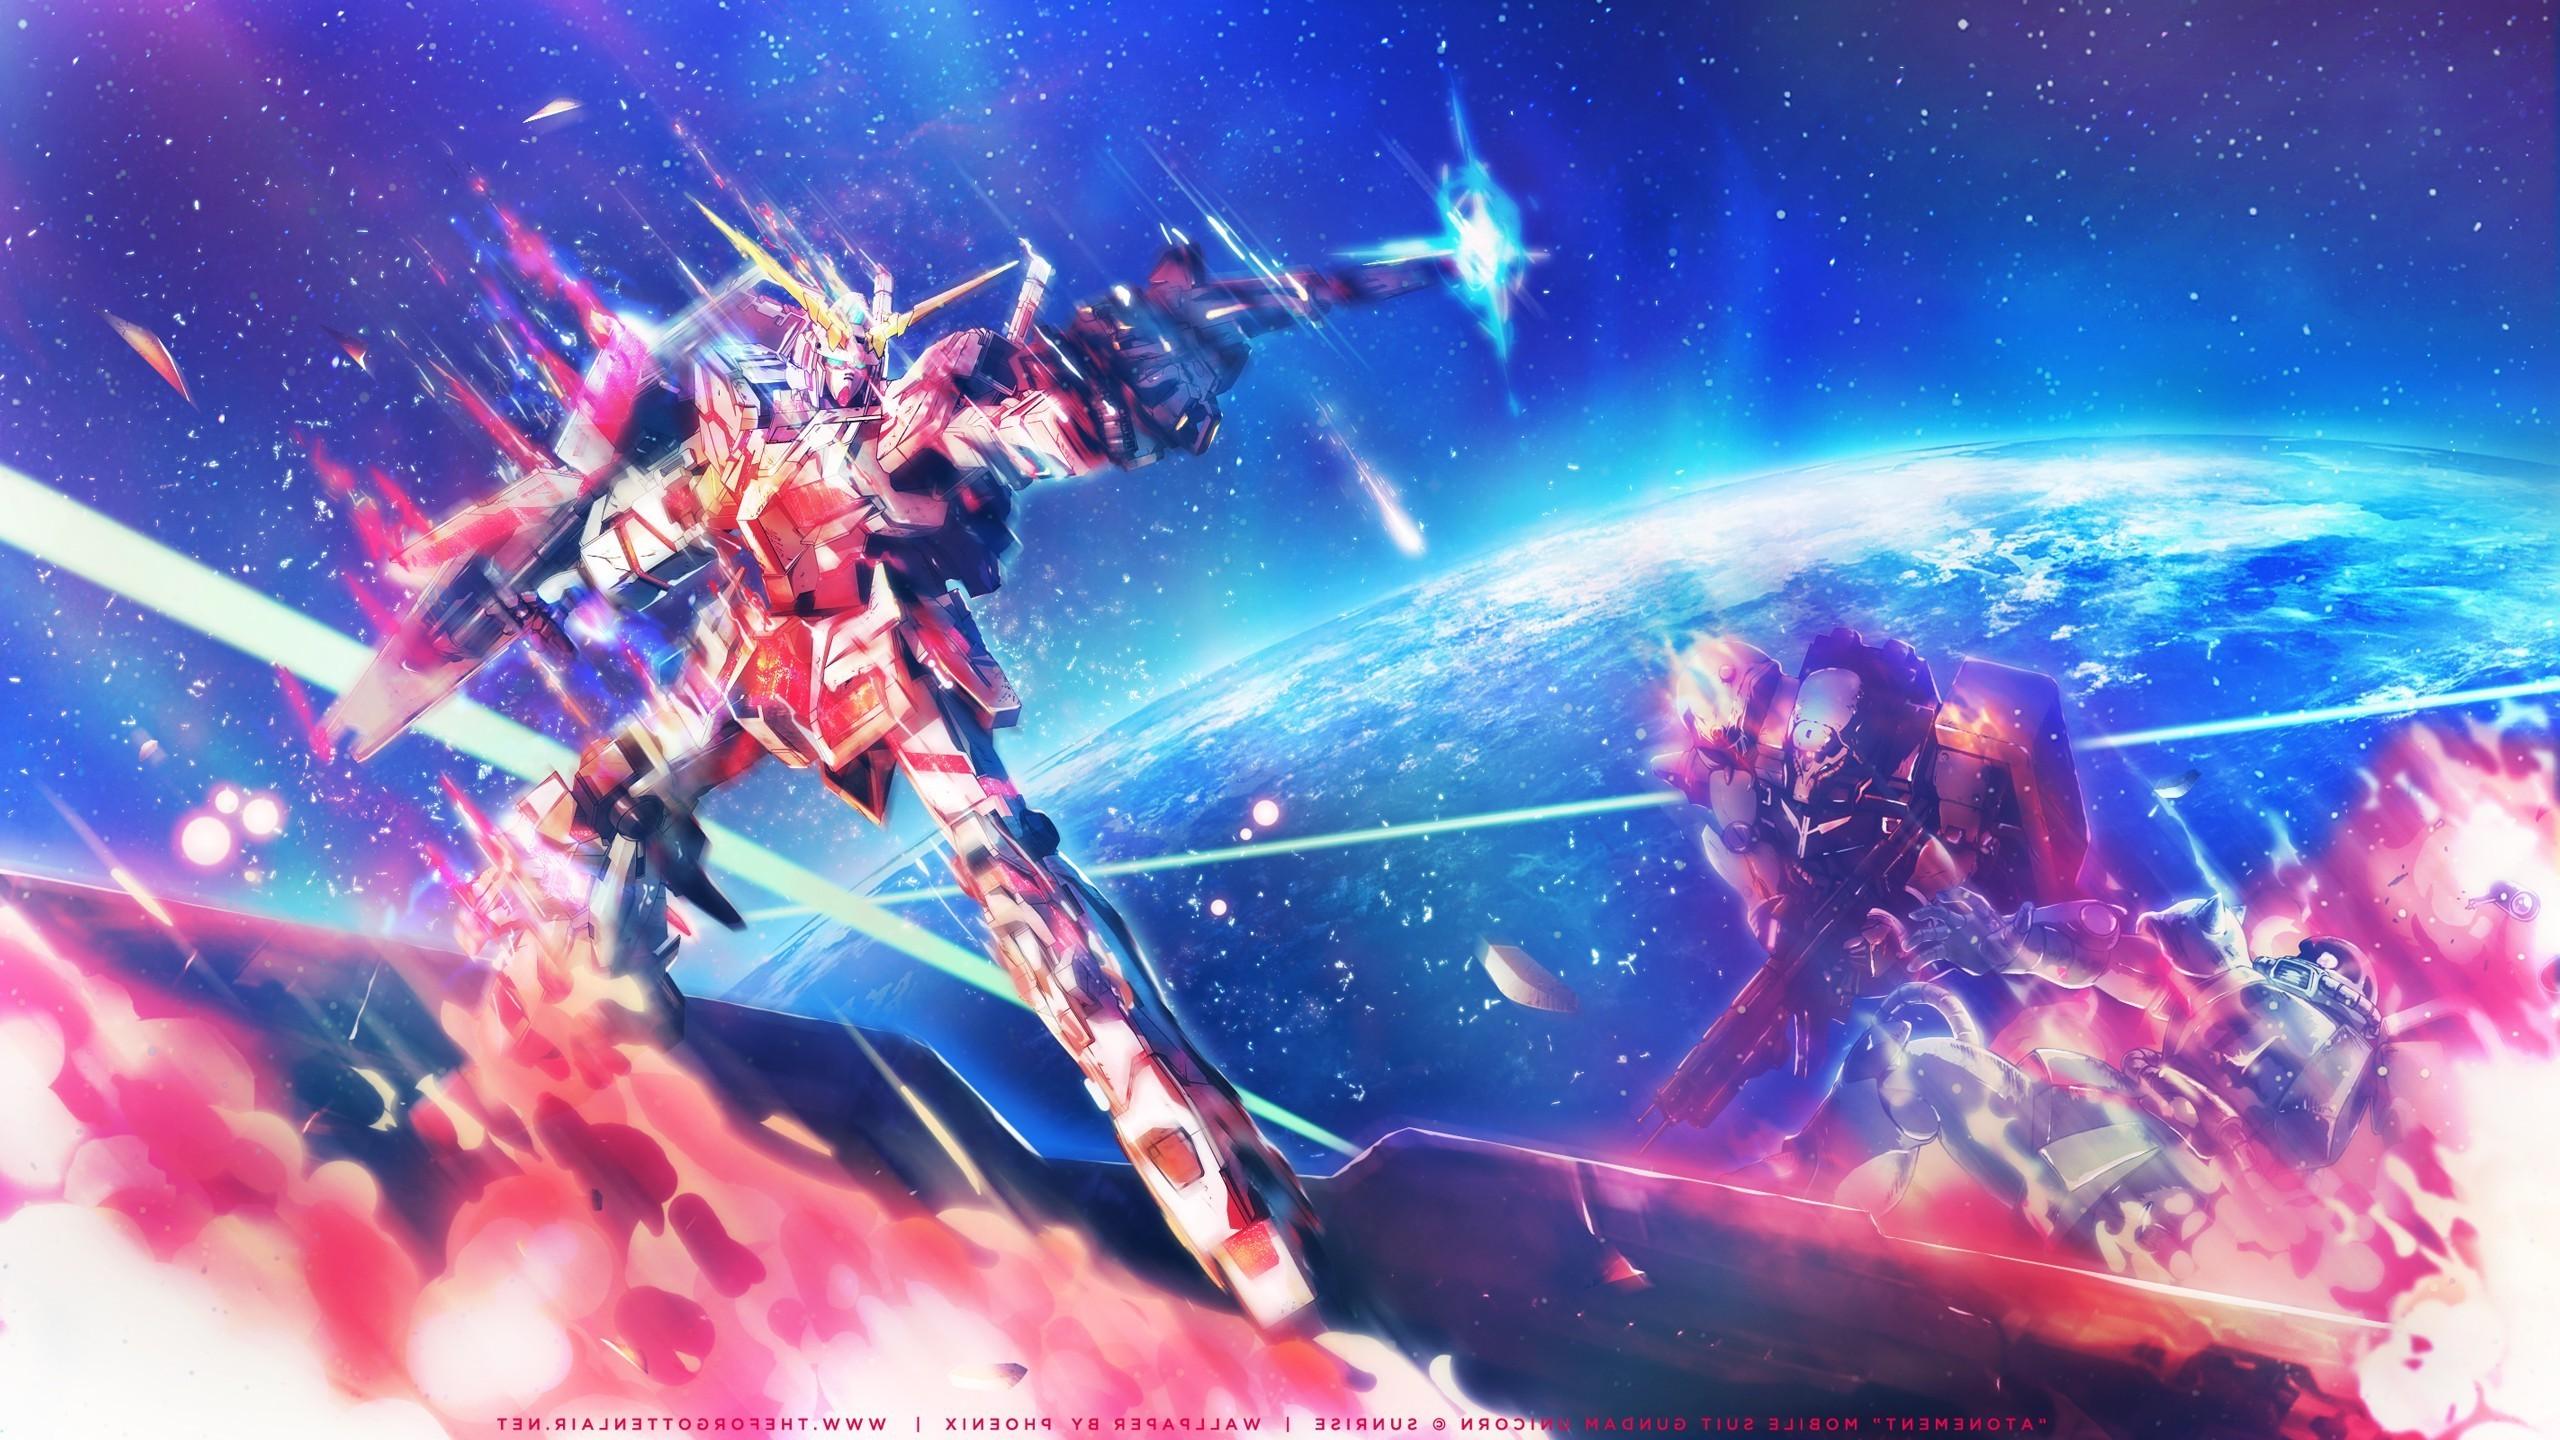 Gundam wallpaper 1920x1080 65 images 1920x1080 gundam wallpaper backgrounds hd 1920x1080 225 kb voltagebd Gallery